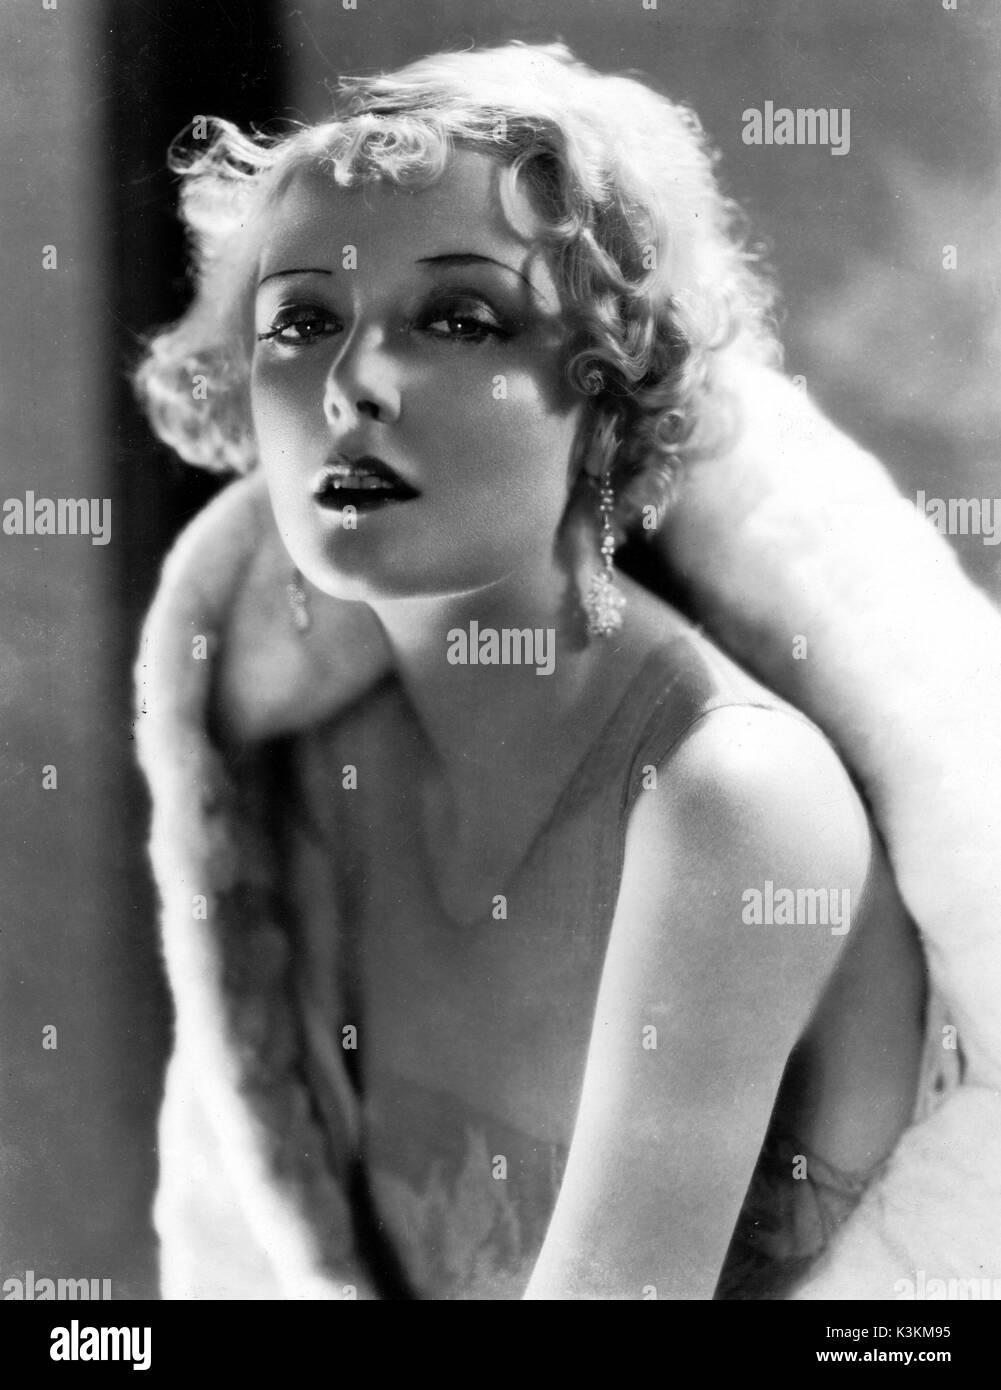 Carmen Scarpitta,Carole King Hot image Letitia Wright,Pilar Pilapil (b. 1950)